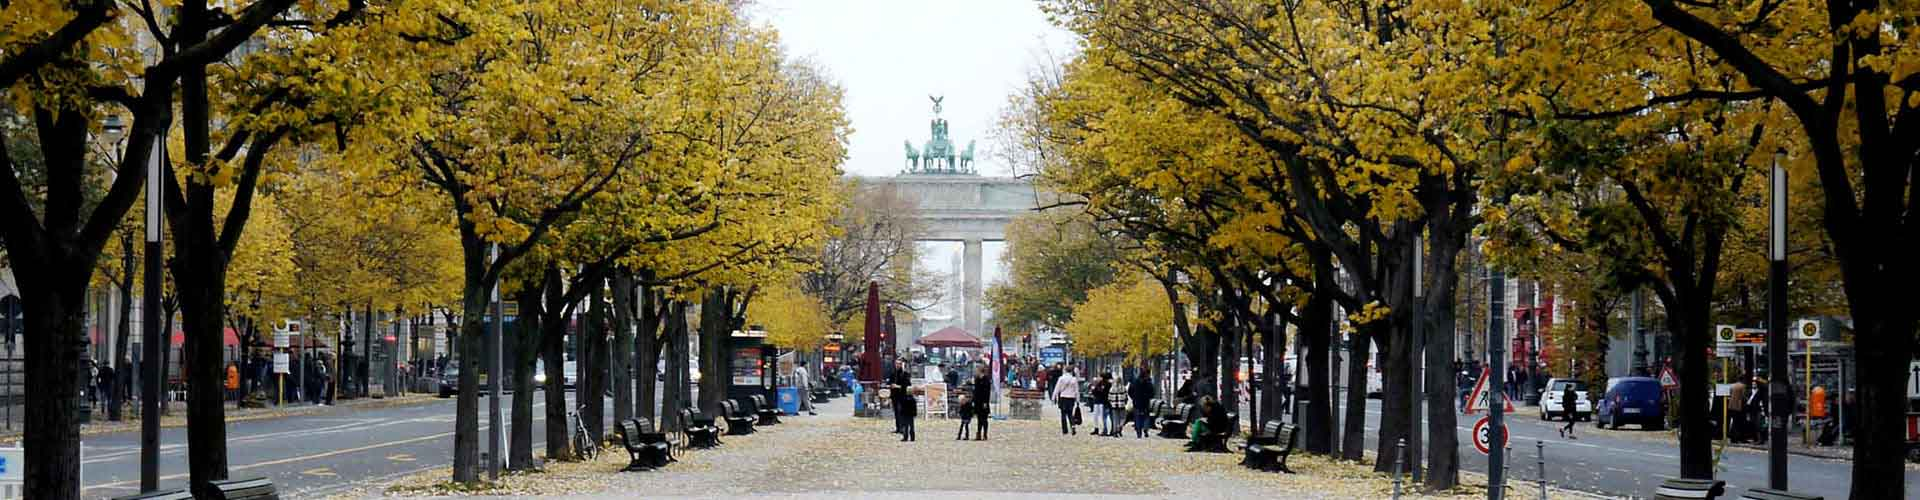 베를린 - 운터 덴 린덴와 가까운 호스텔. 베를린의 지도, 베를린에 위치한 호스텔 사진 및 후기 정보.